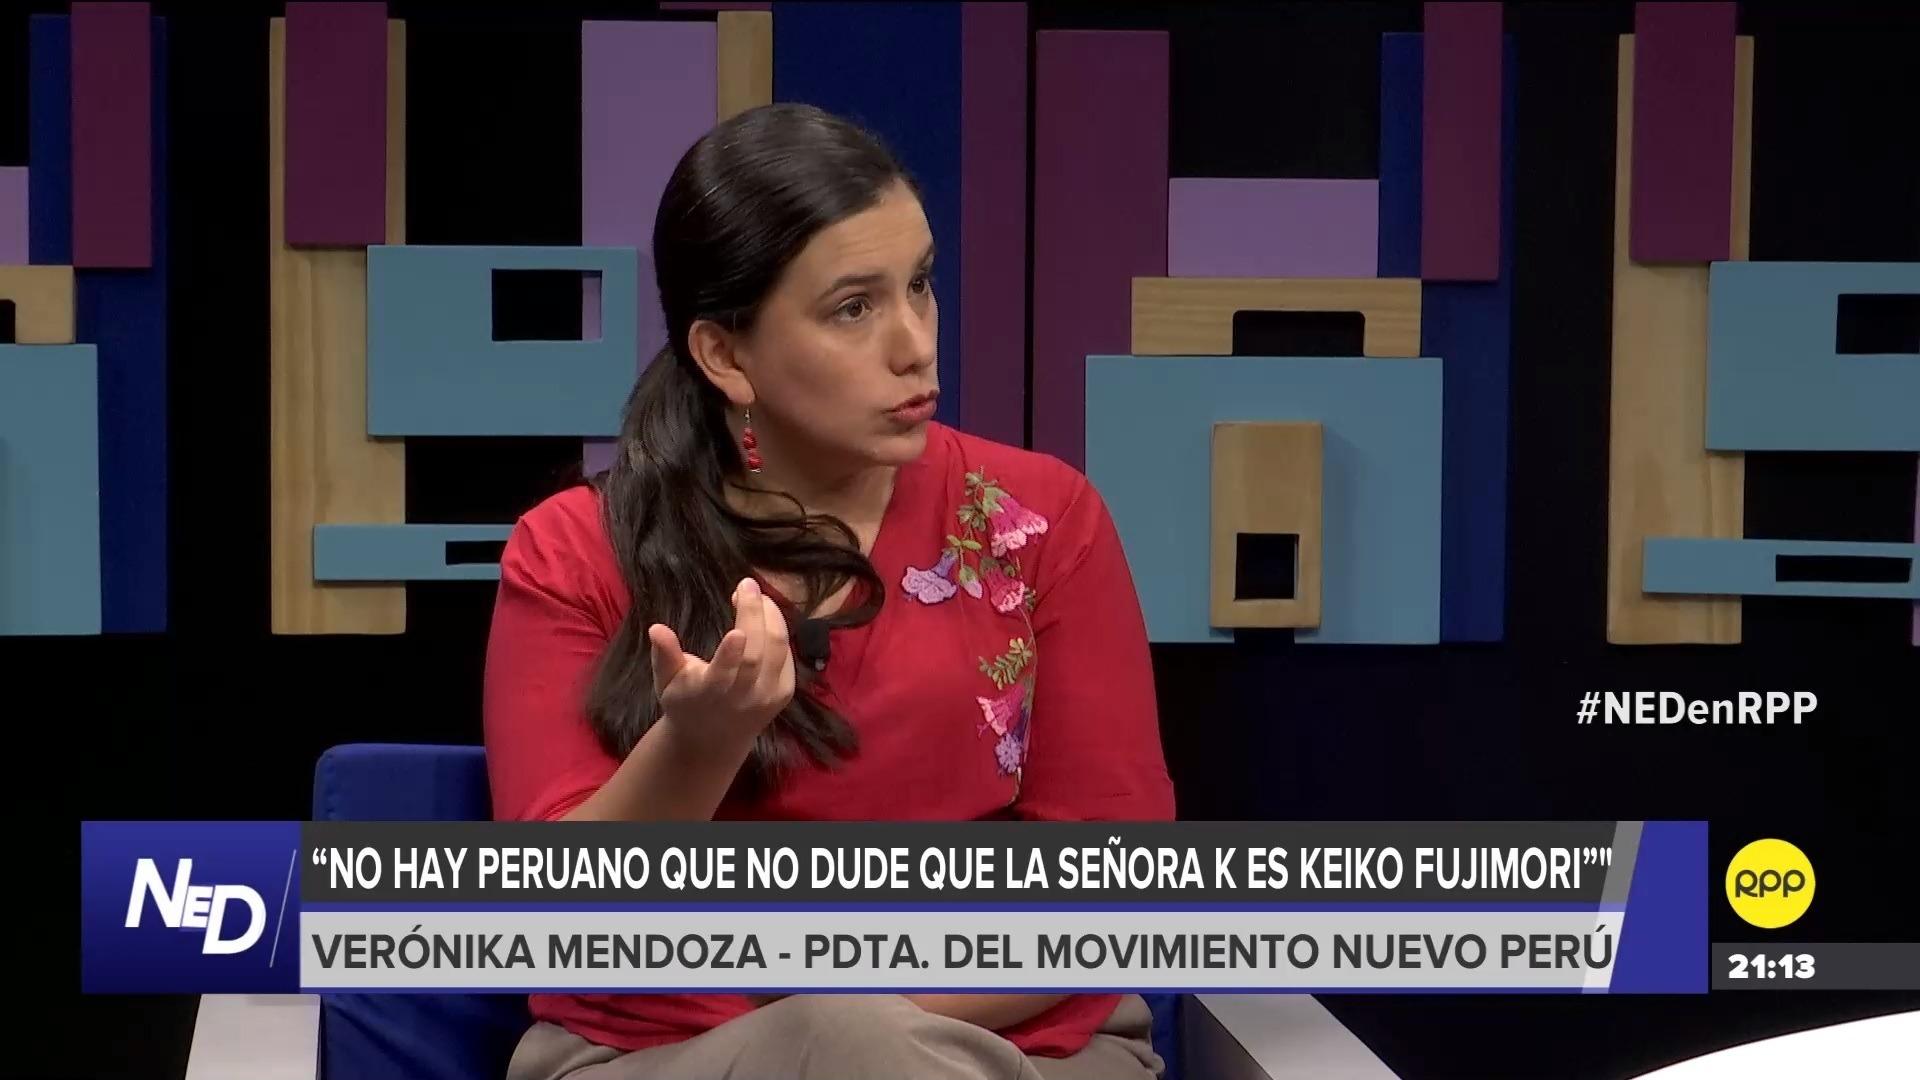 La lideresa de Nuevo Perú aseguró que la población debe presionar para que el referéndum sea aceptado.